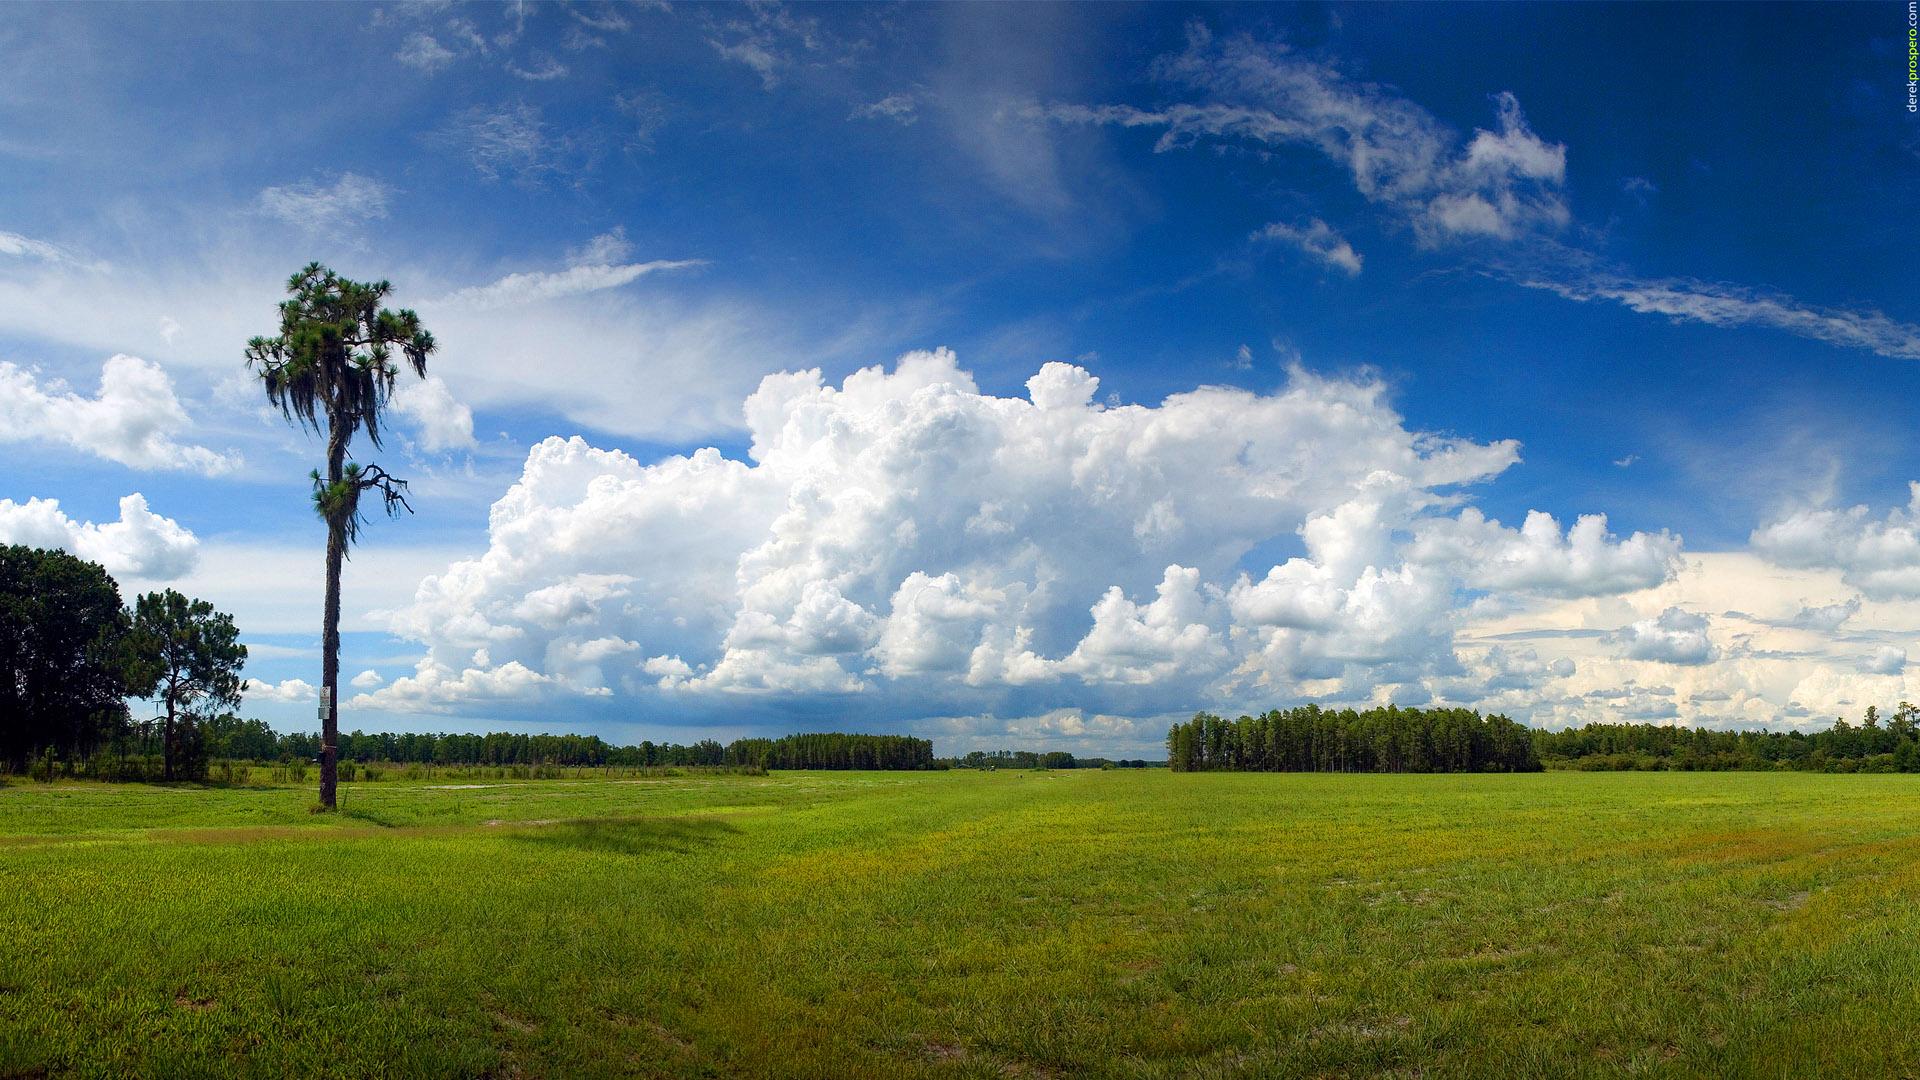 Horizon Landscape